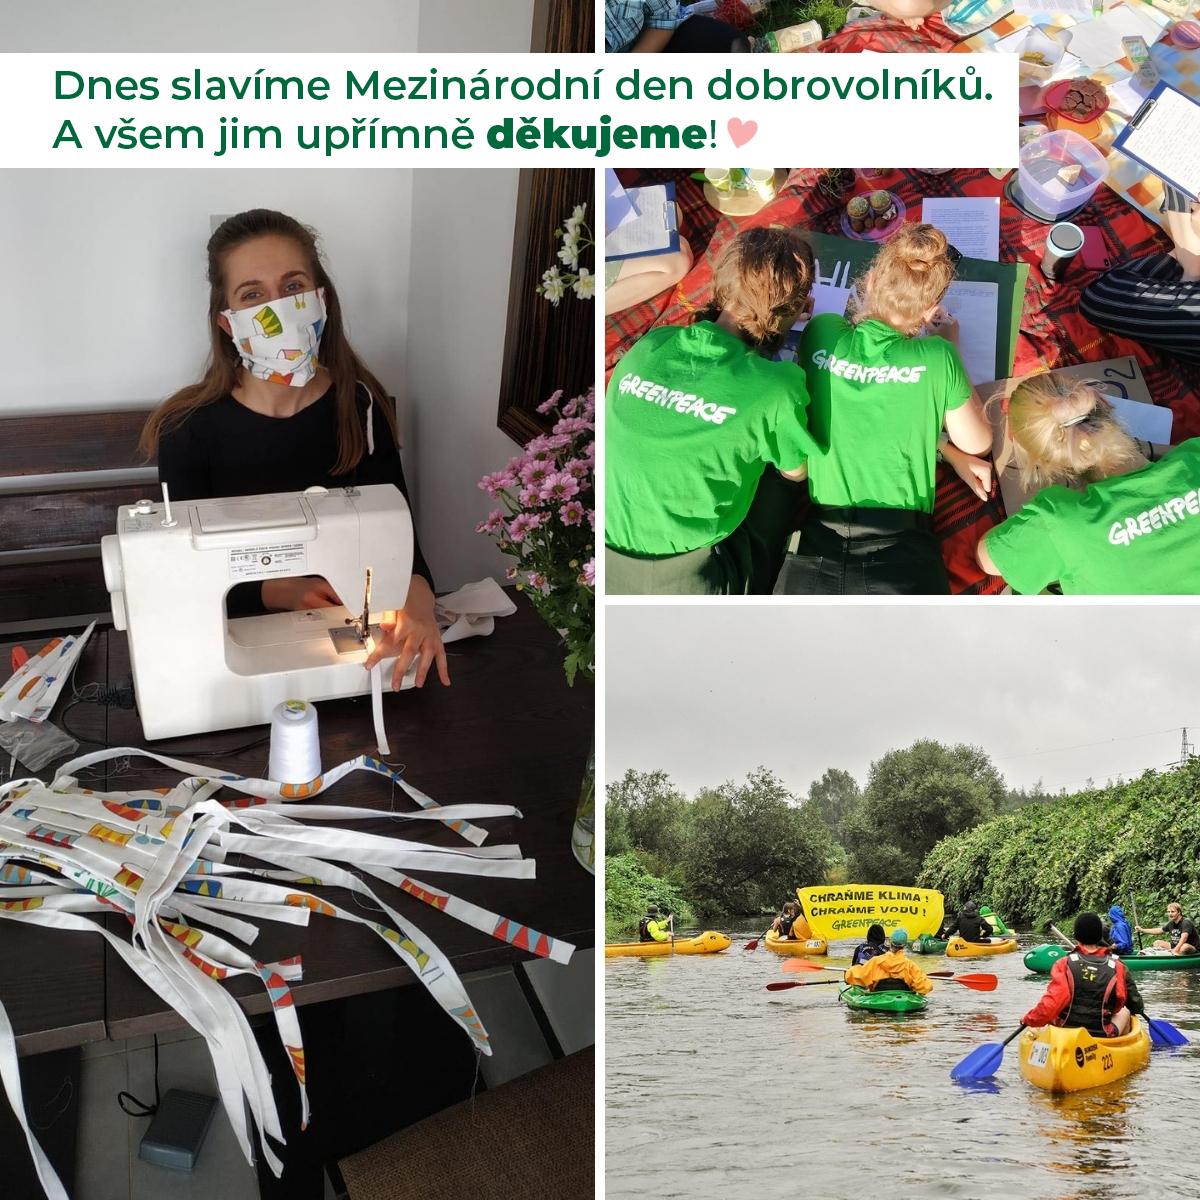 Den dobrovolníků je i svátkem Greenpeace